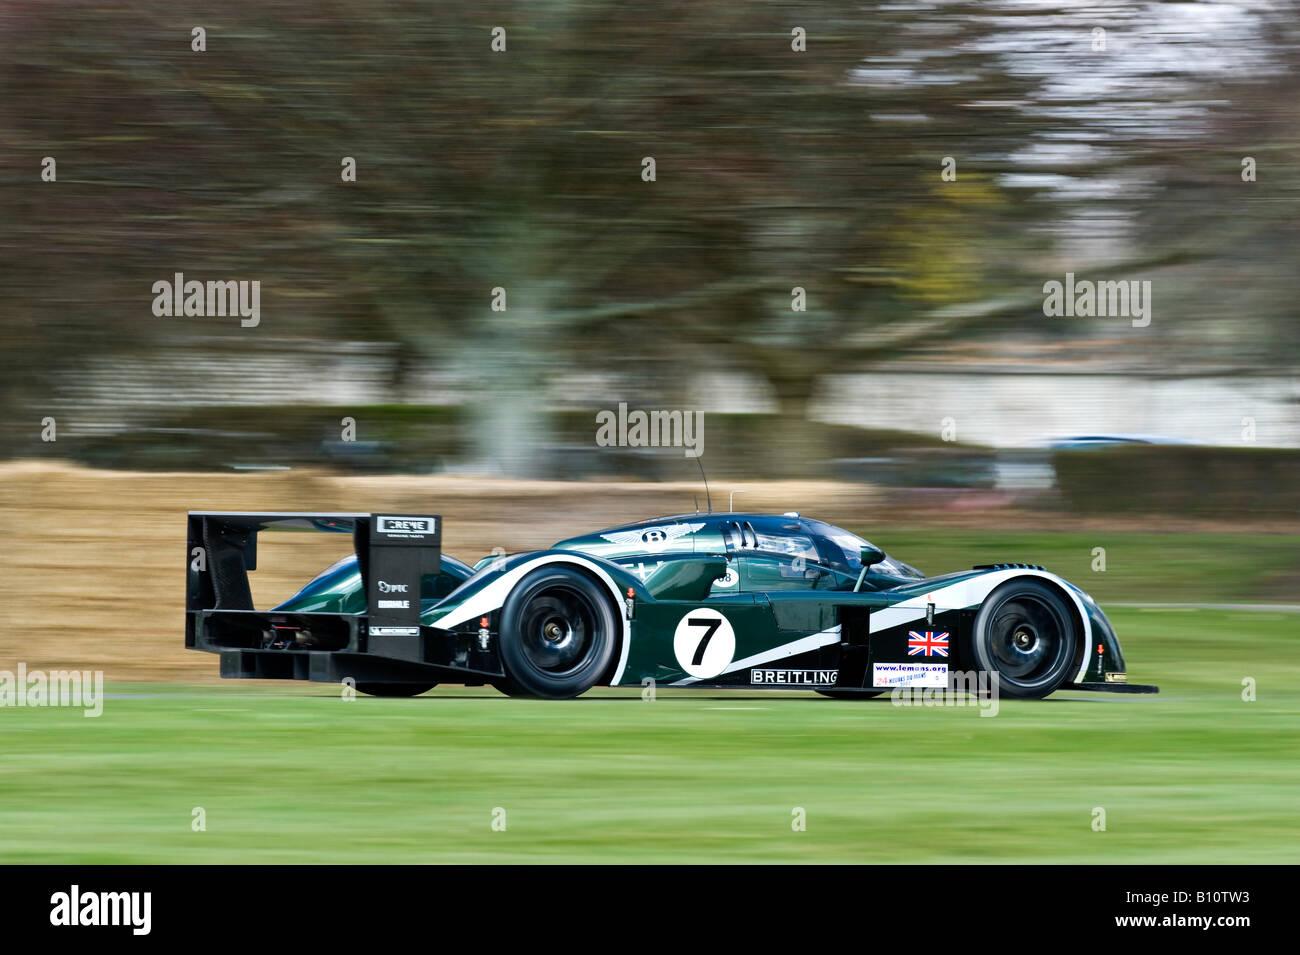 Bentley Le Mans Car Stock Photos Bentley Le Mans Car Stock Images